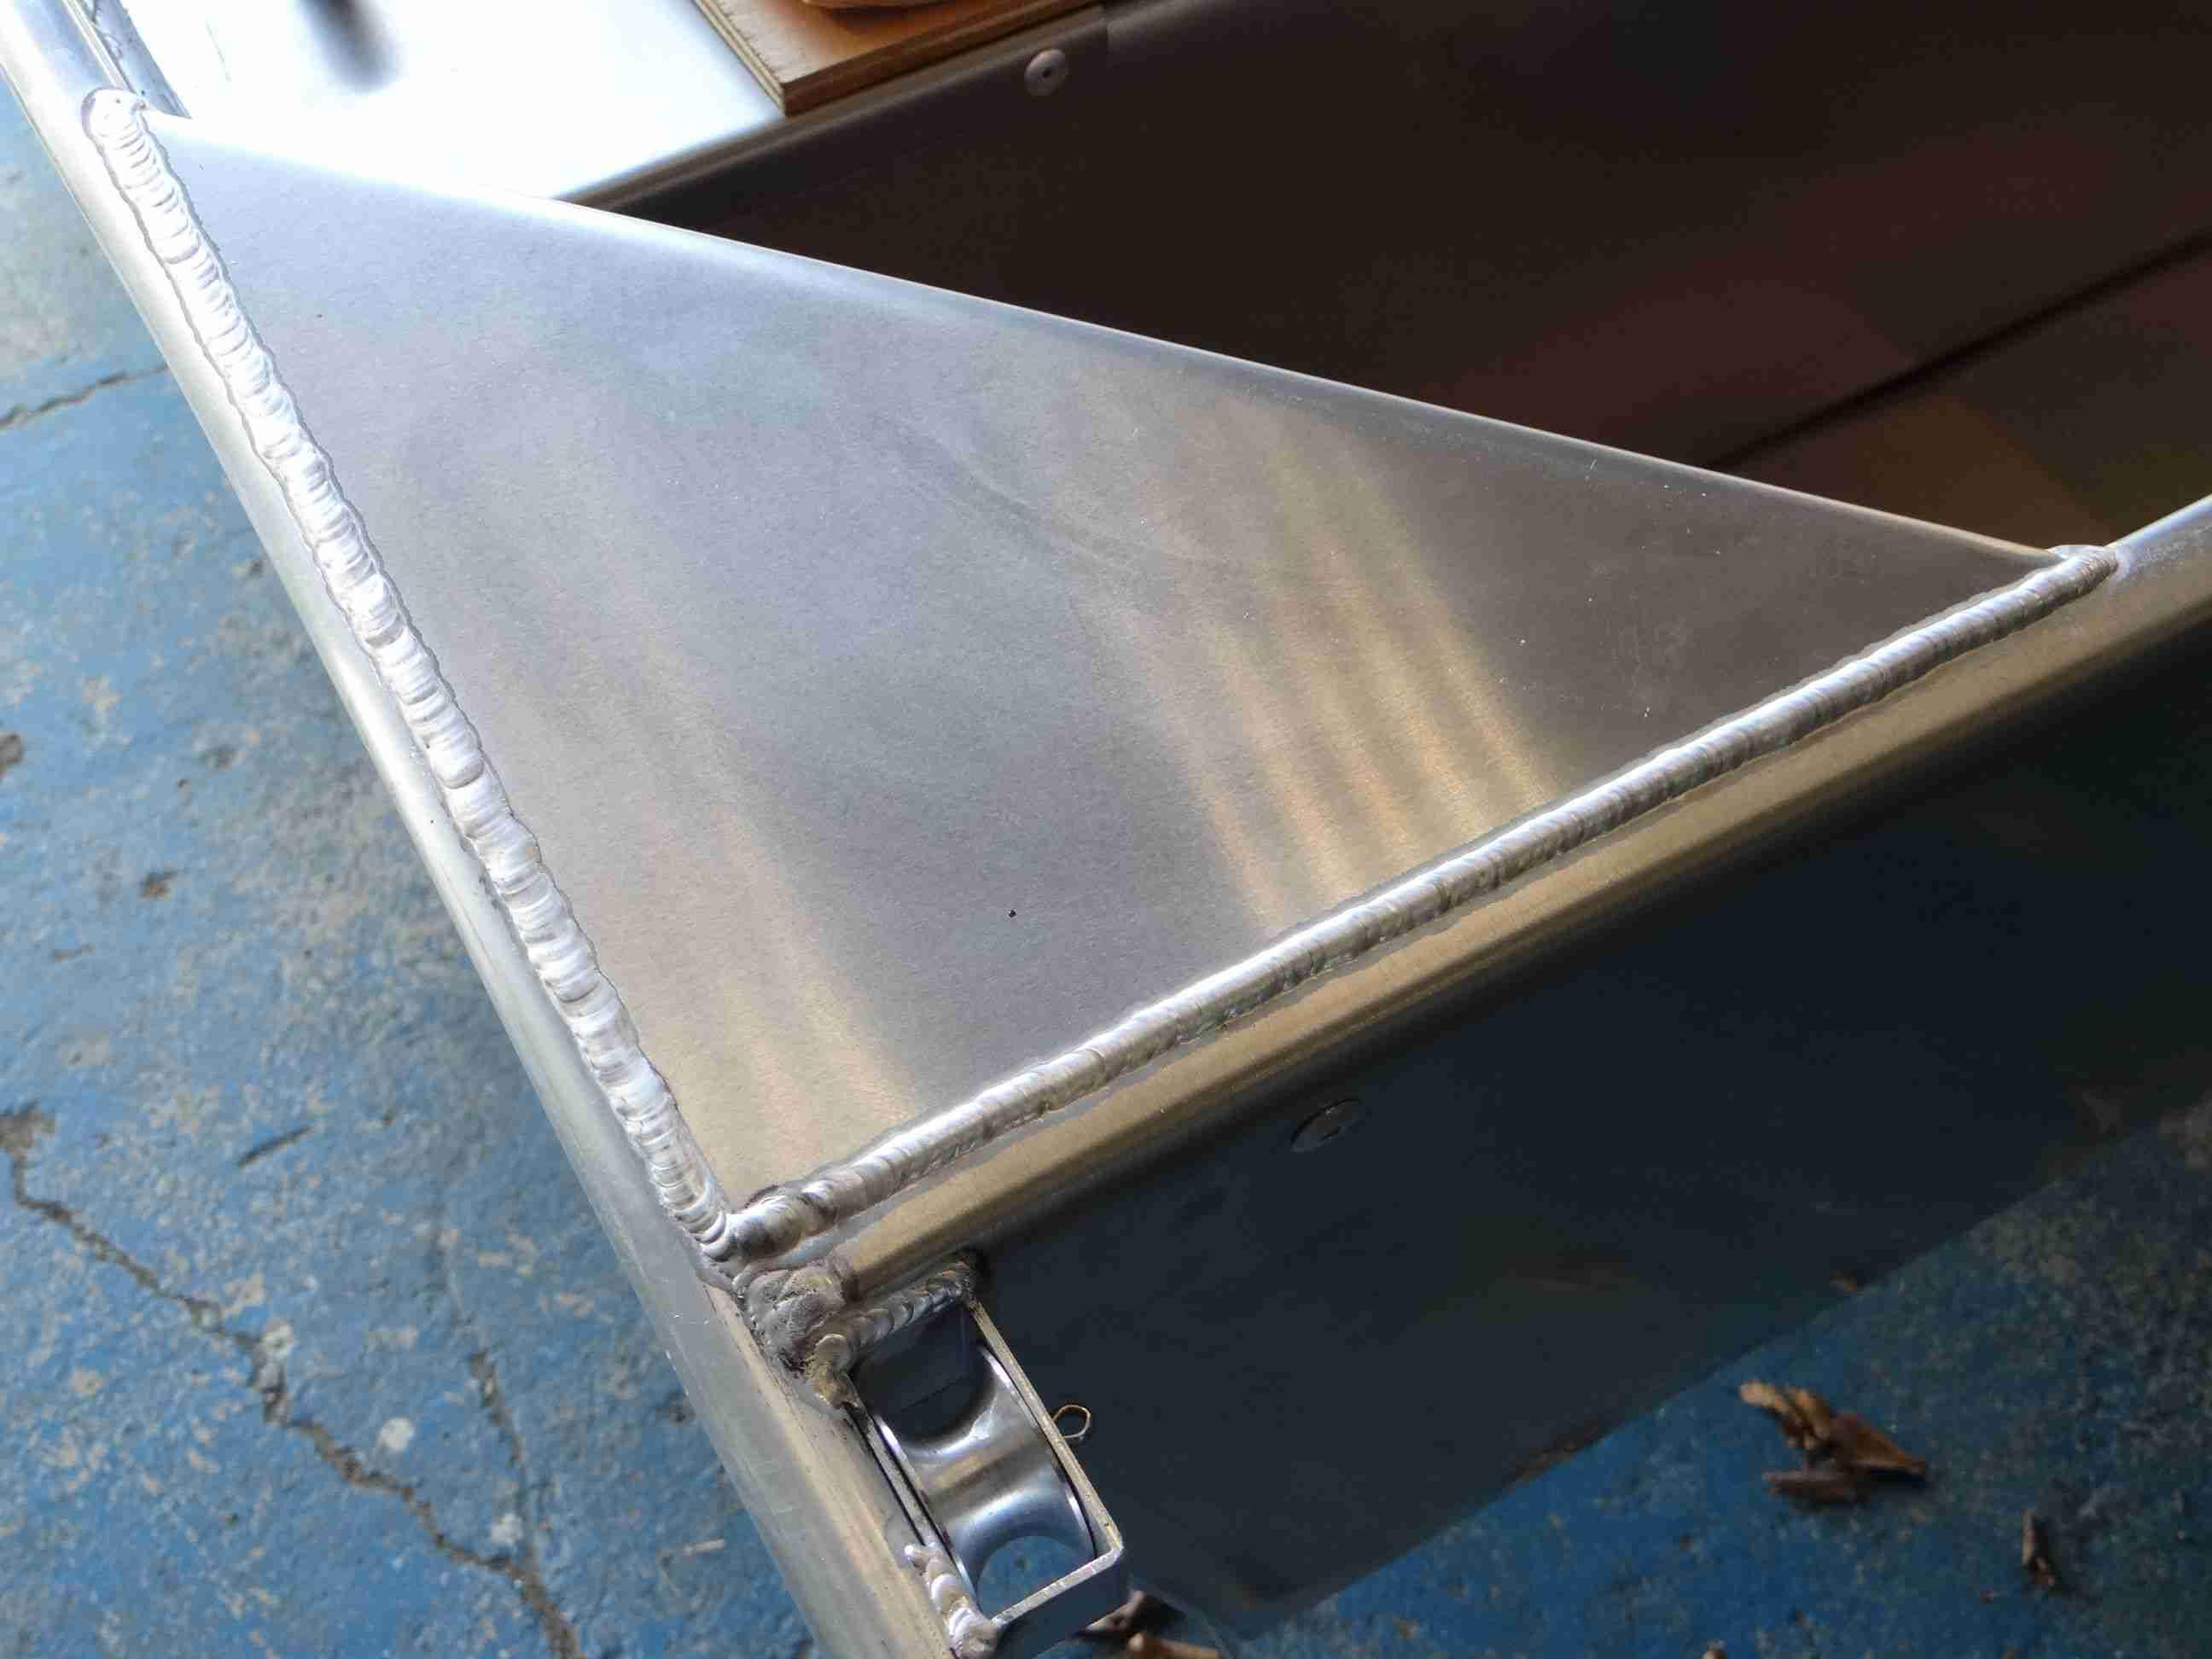 Welded aluminium boat